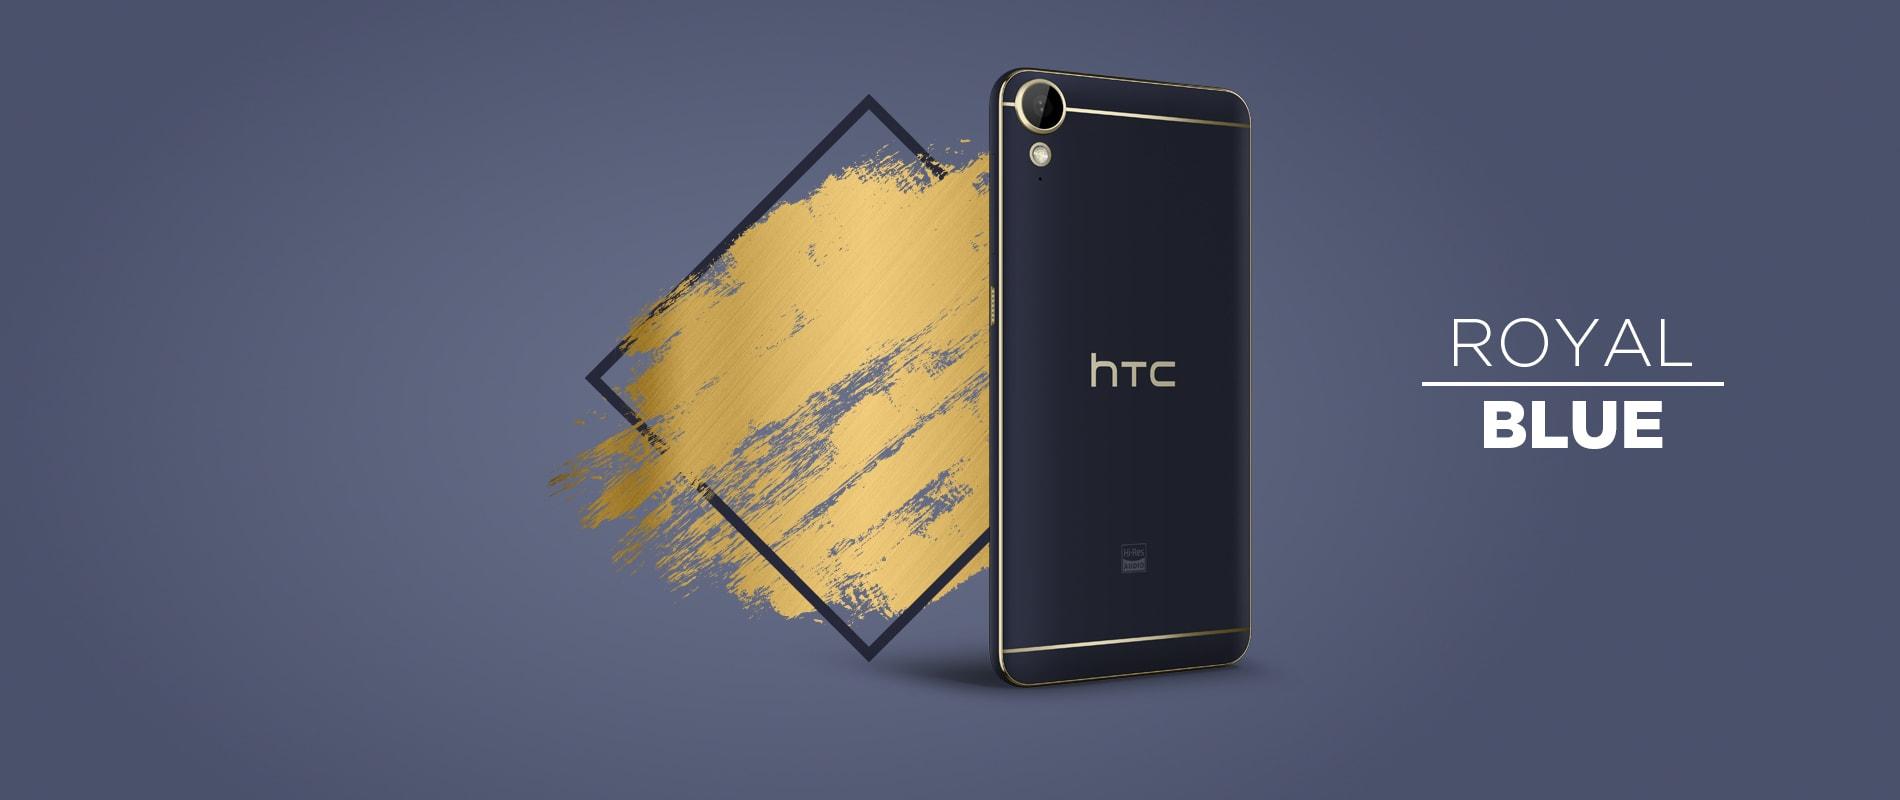 HTC、5.5インチミッドレンジスマートフォン「Desire 10 Lifestyle」を11月に発売へ